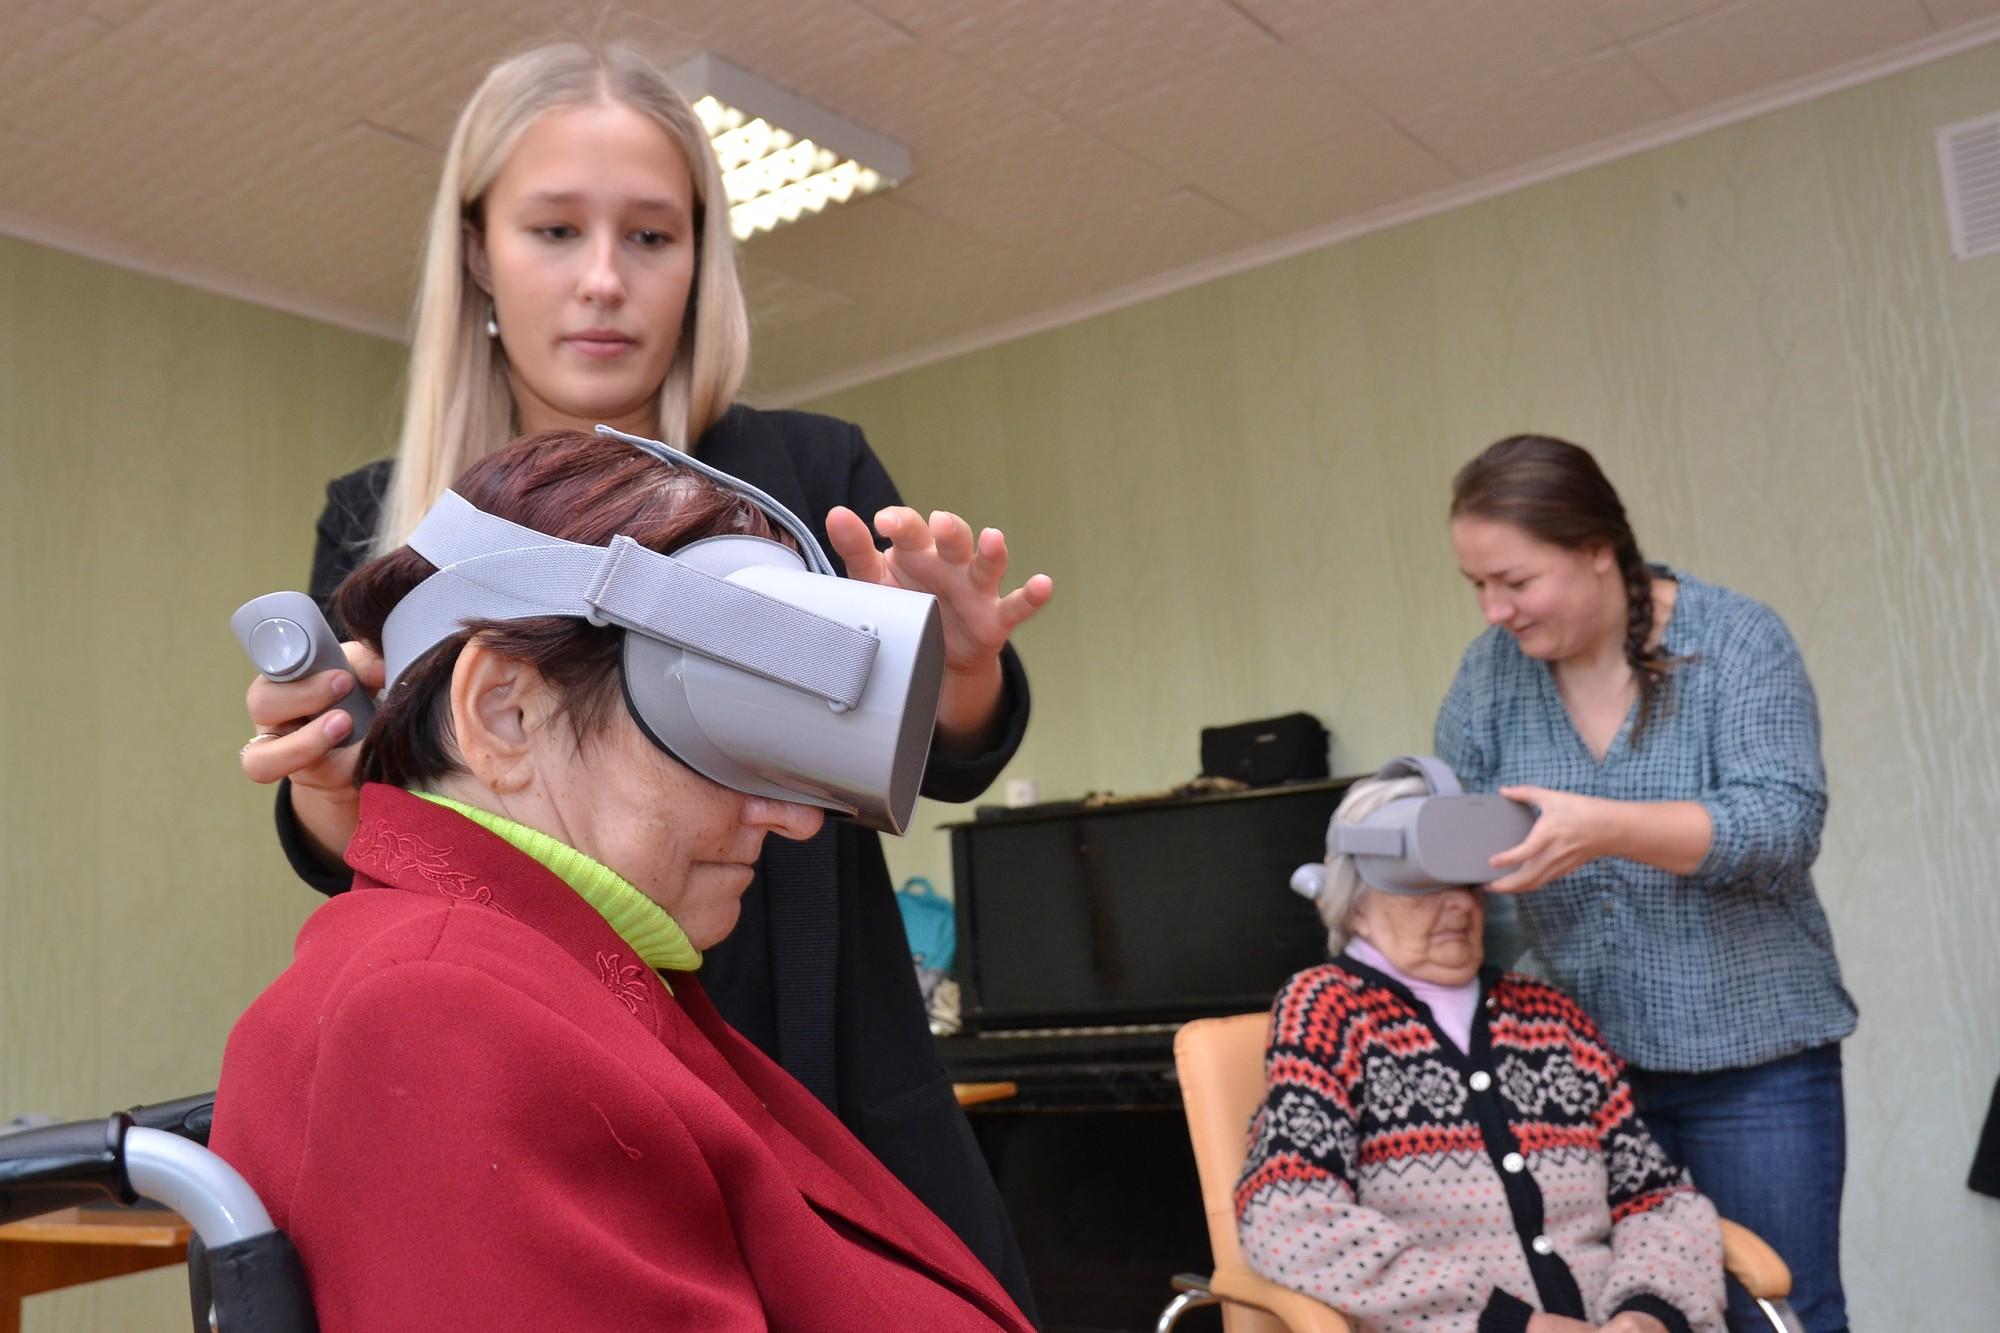 Liepājas Veco ļaužu dzīvojamā mājā ienāk virtuālā realitāte